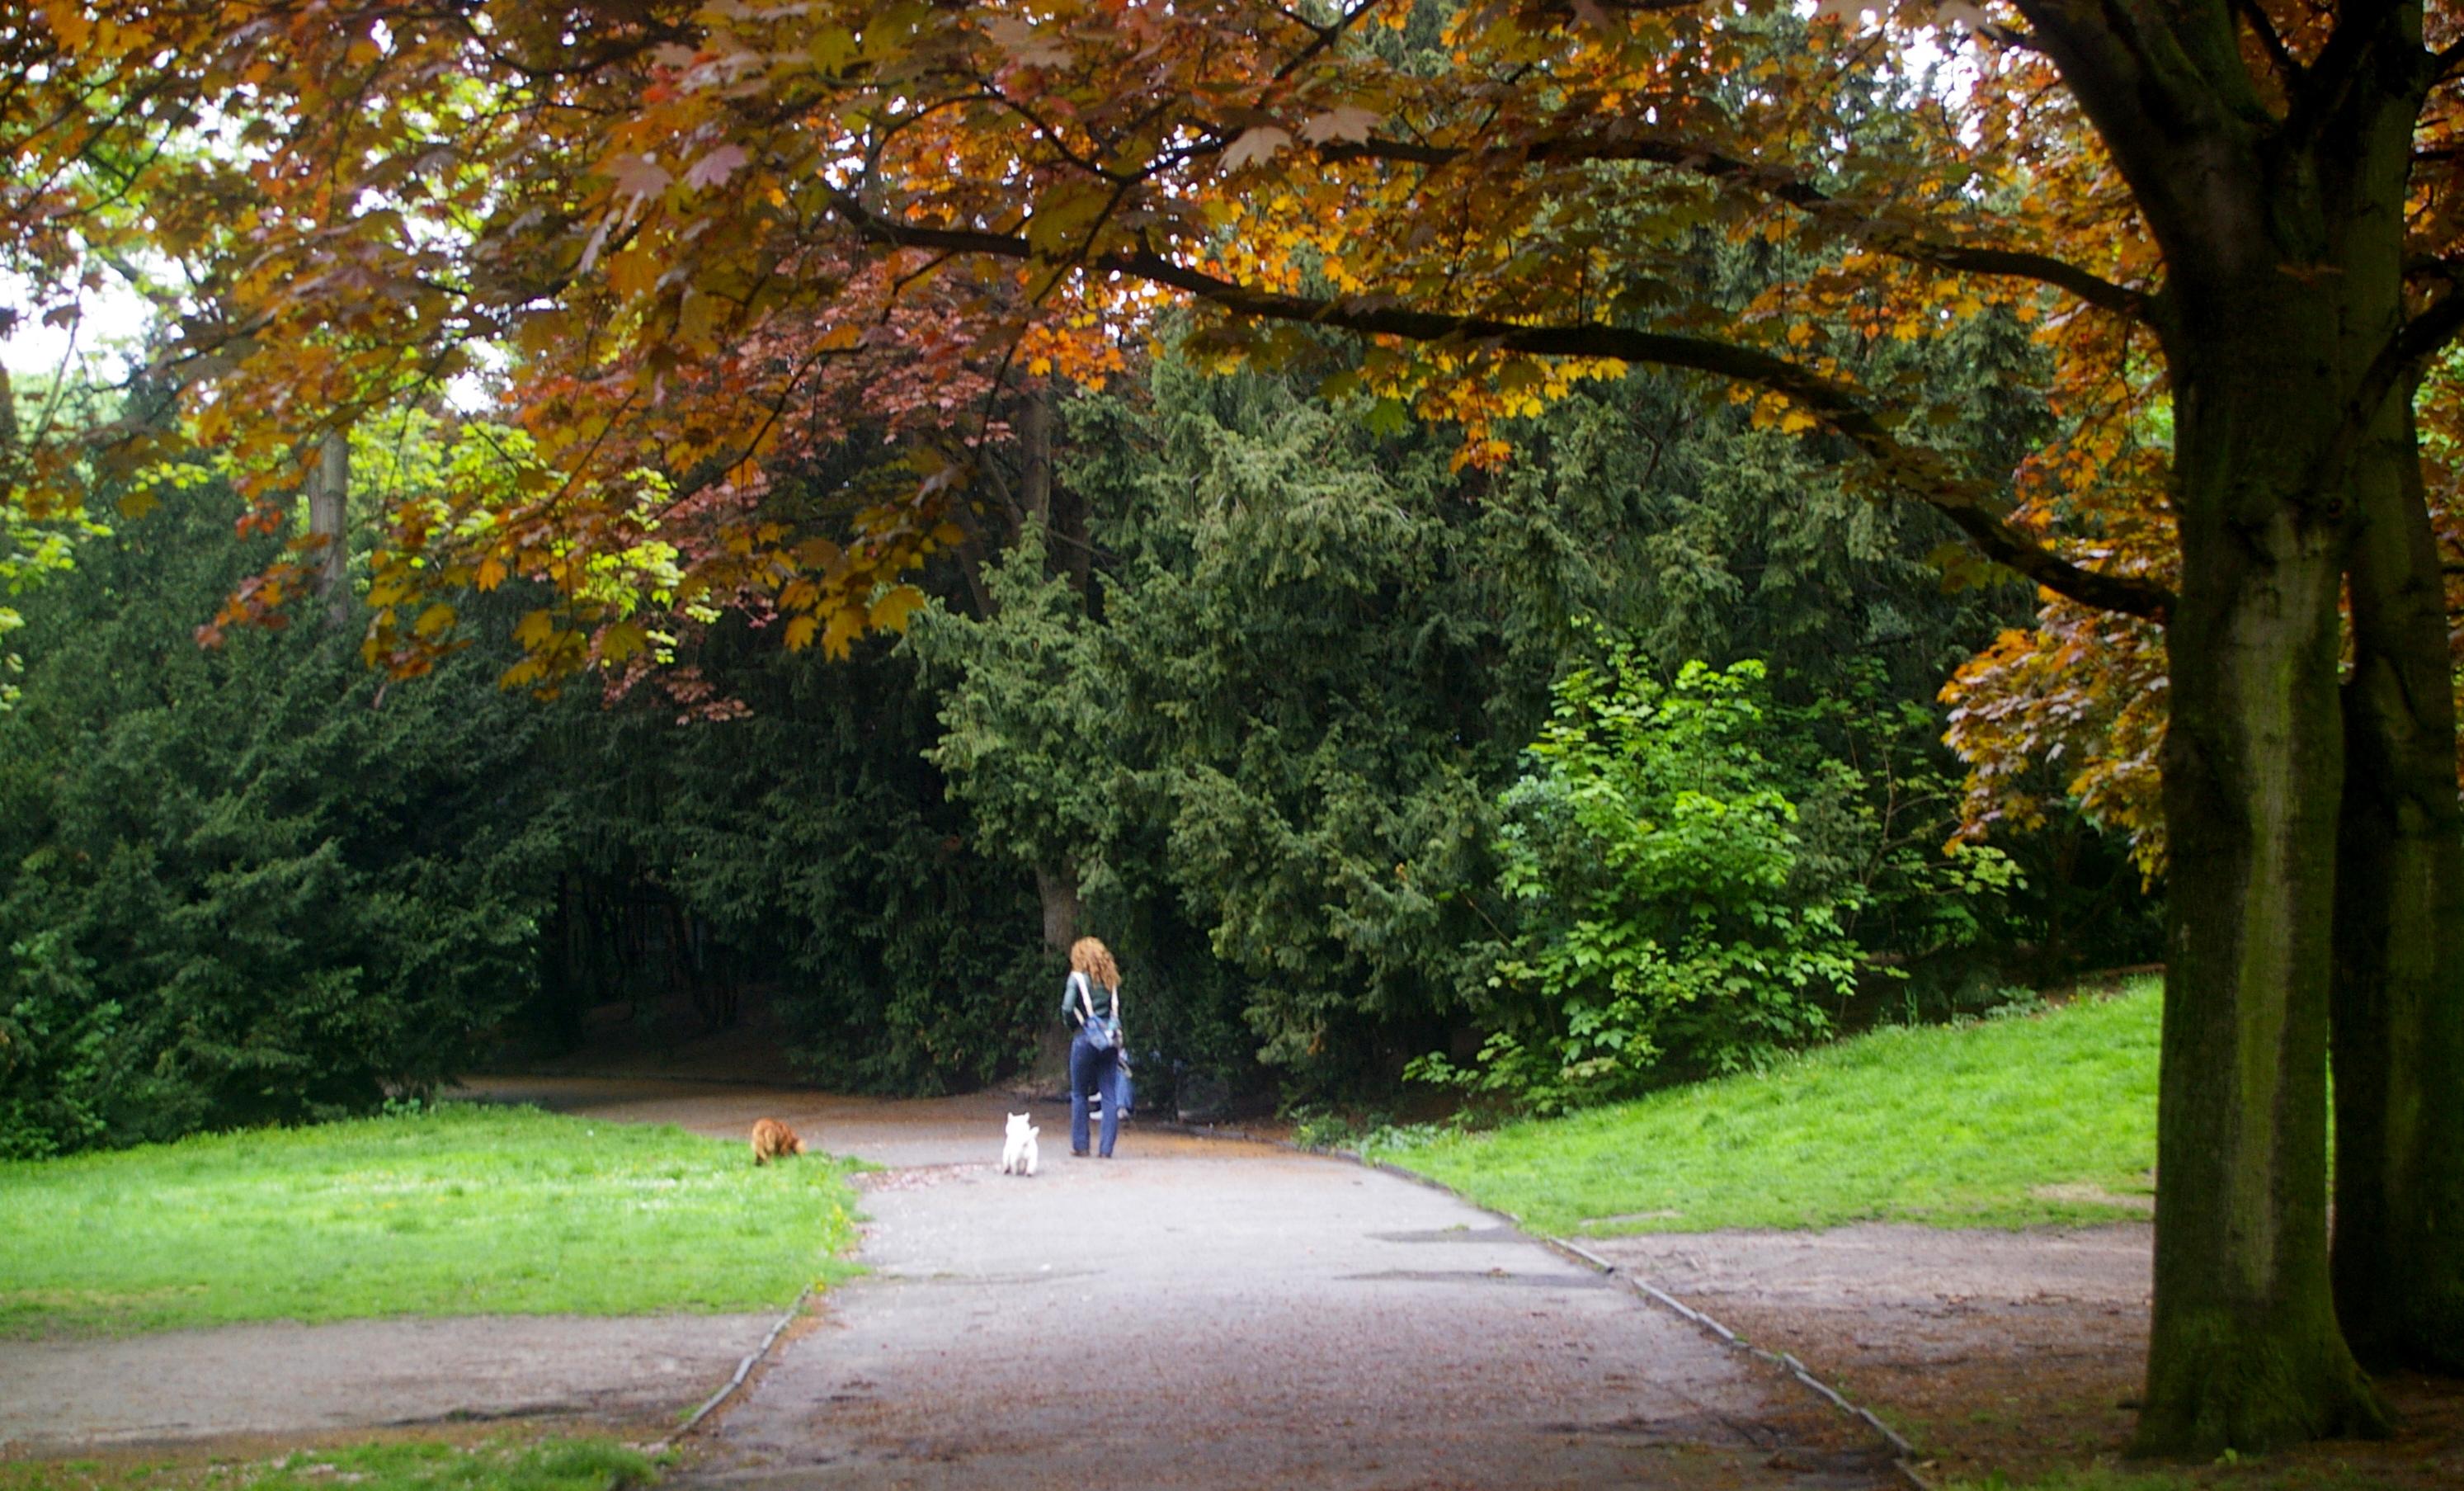 Humboldthain Park